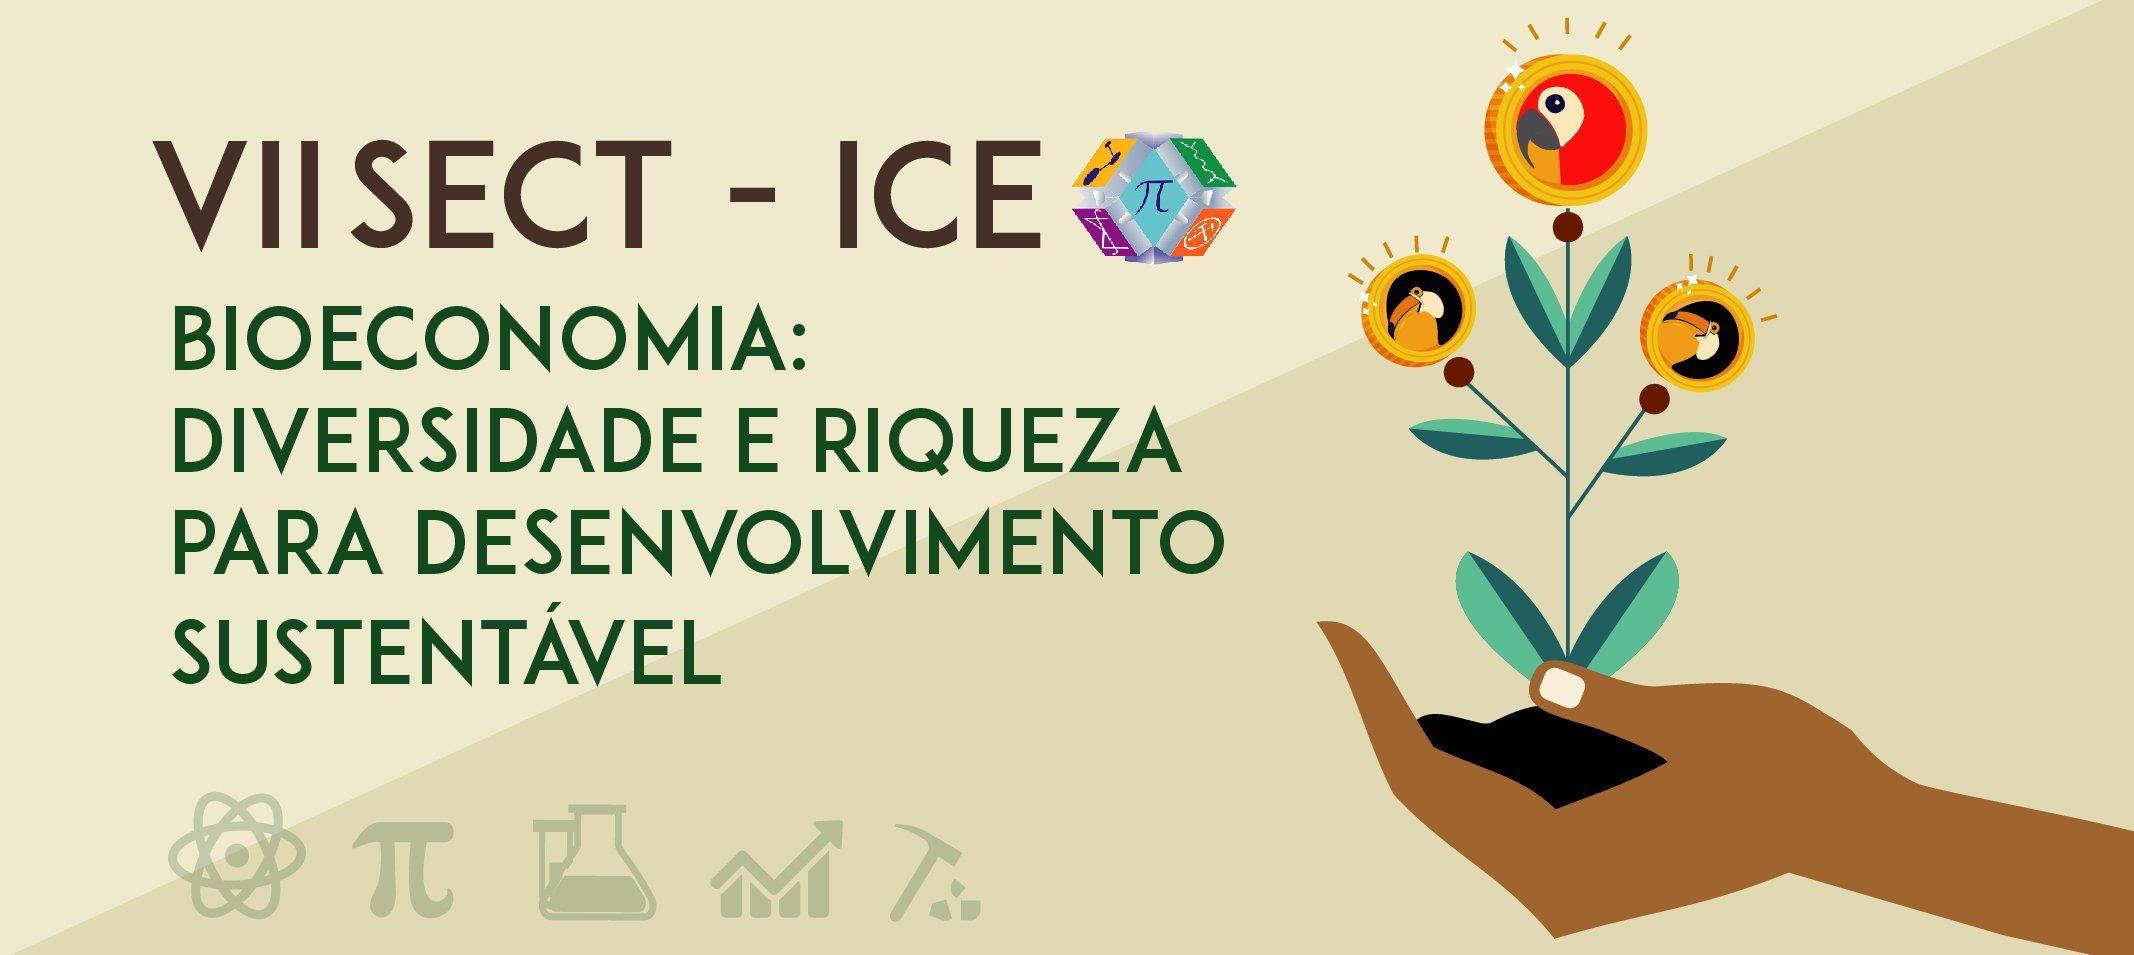 Instituto de Ciências Exatas da Ufam promove VII Semana de Ciência e Tecnologia entre os dias 18 e 23 de outubro